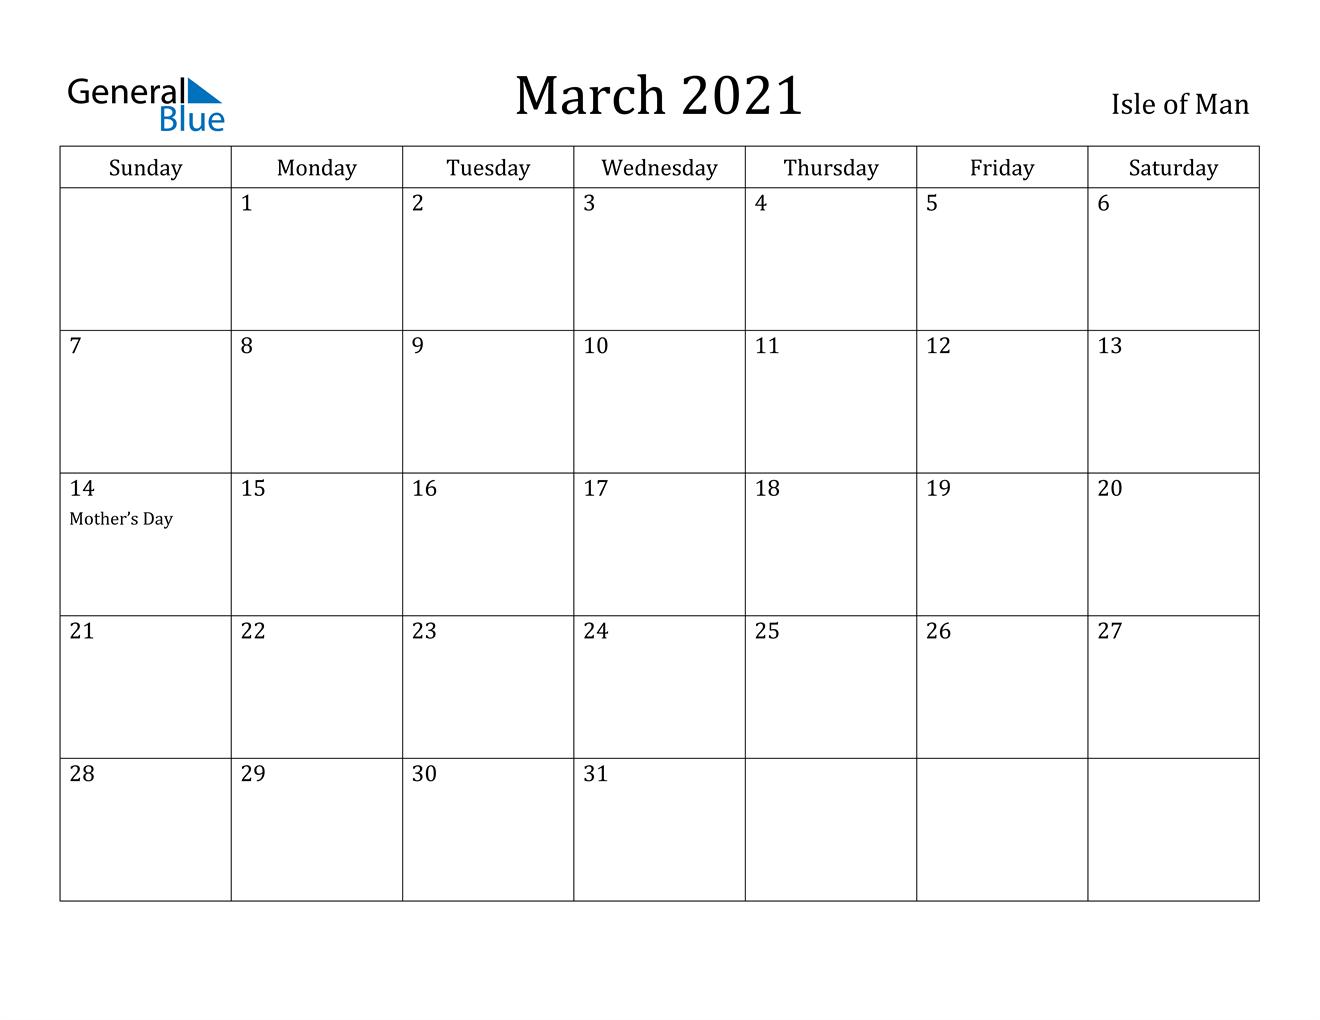 March 2021 Calendar   Isle of Man